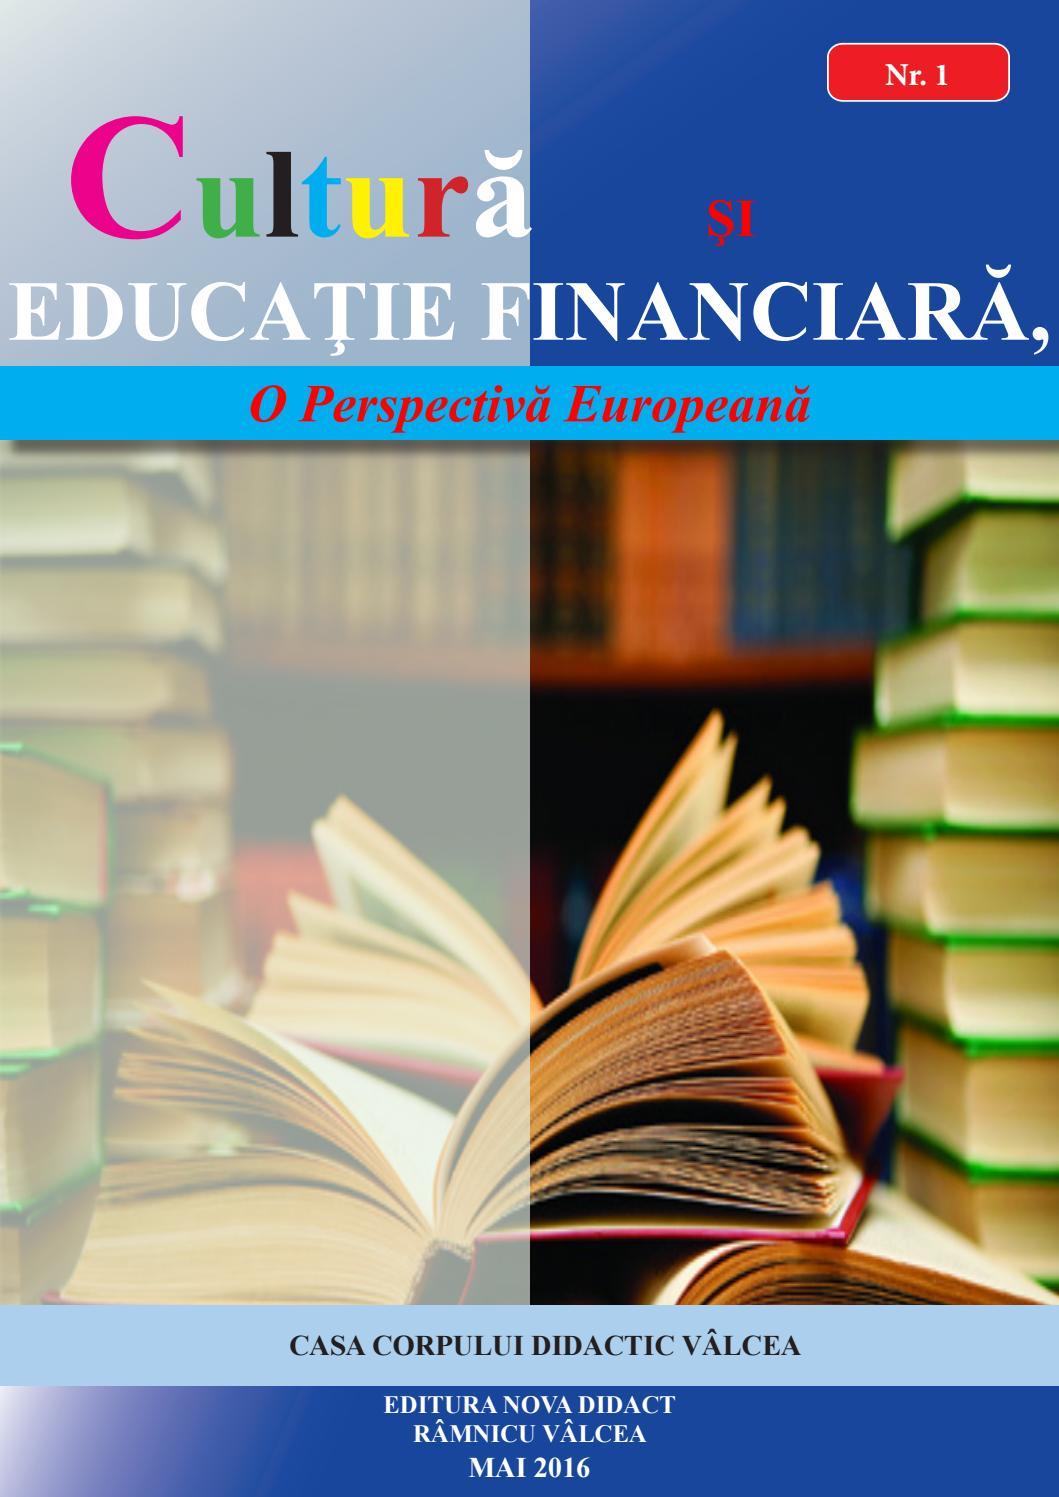 Referat scurt despre educatie